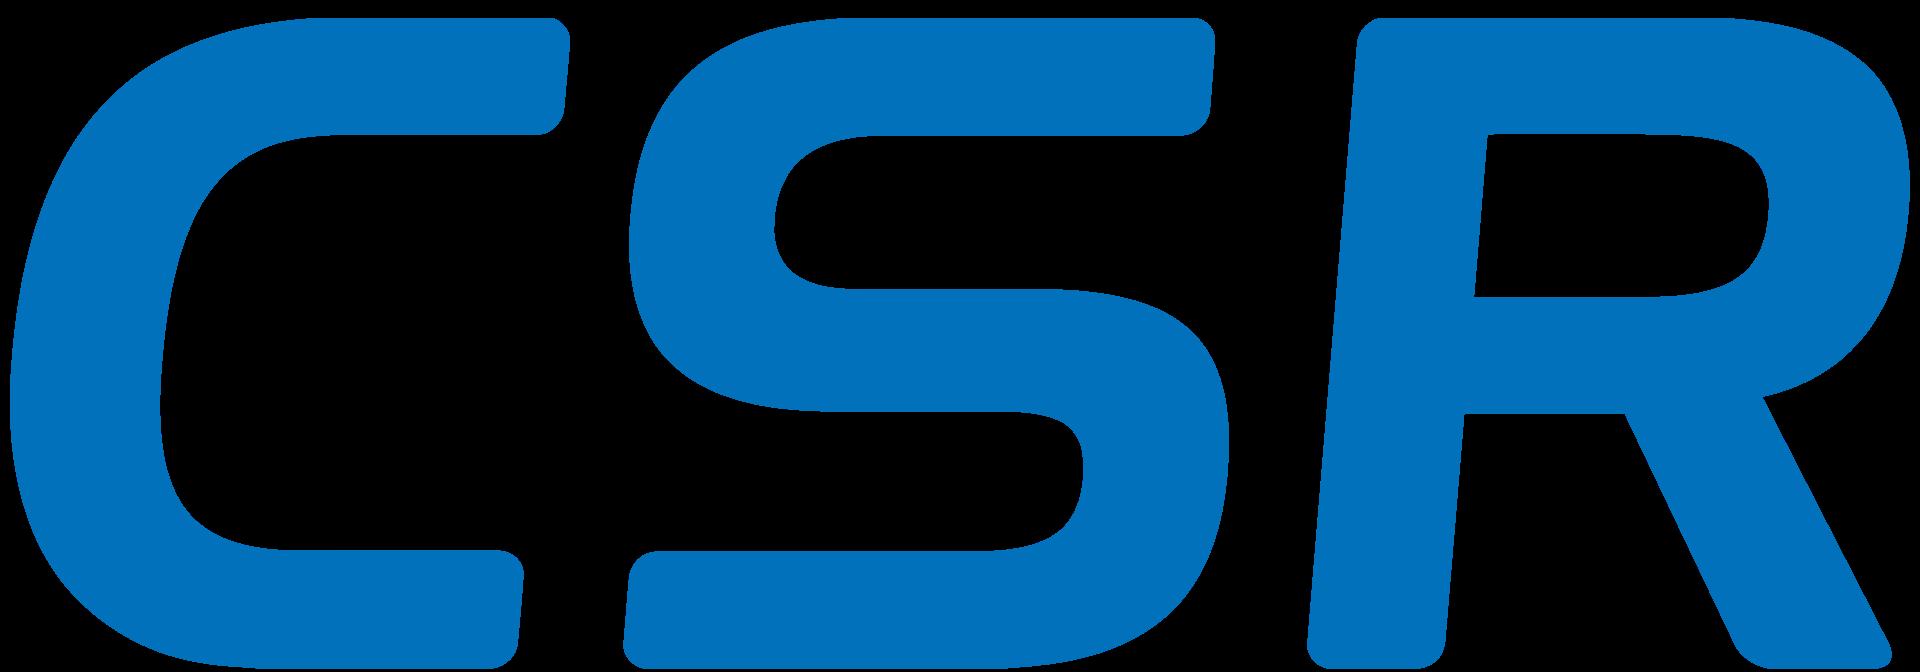 CSR (Qualcomm)